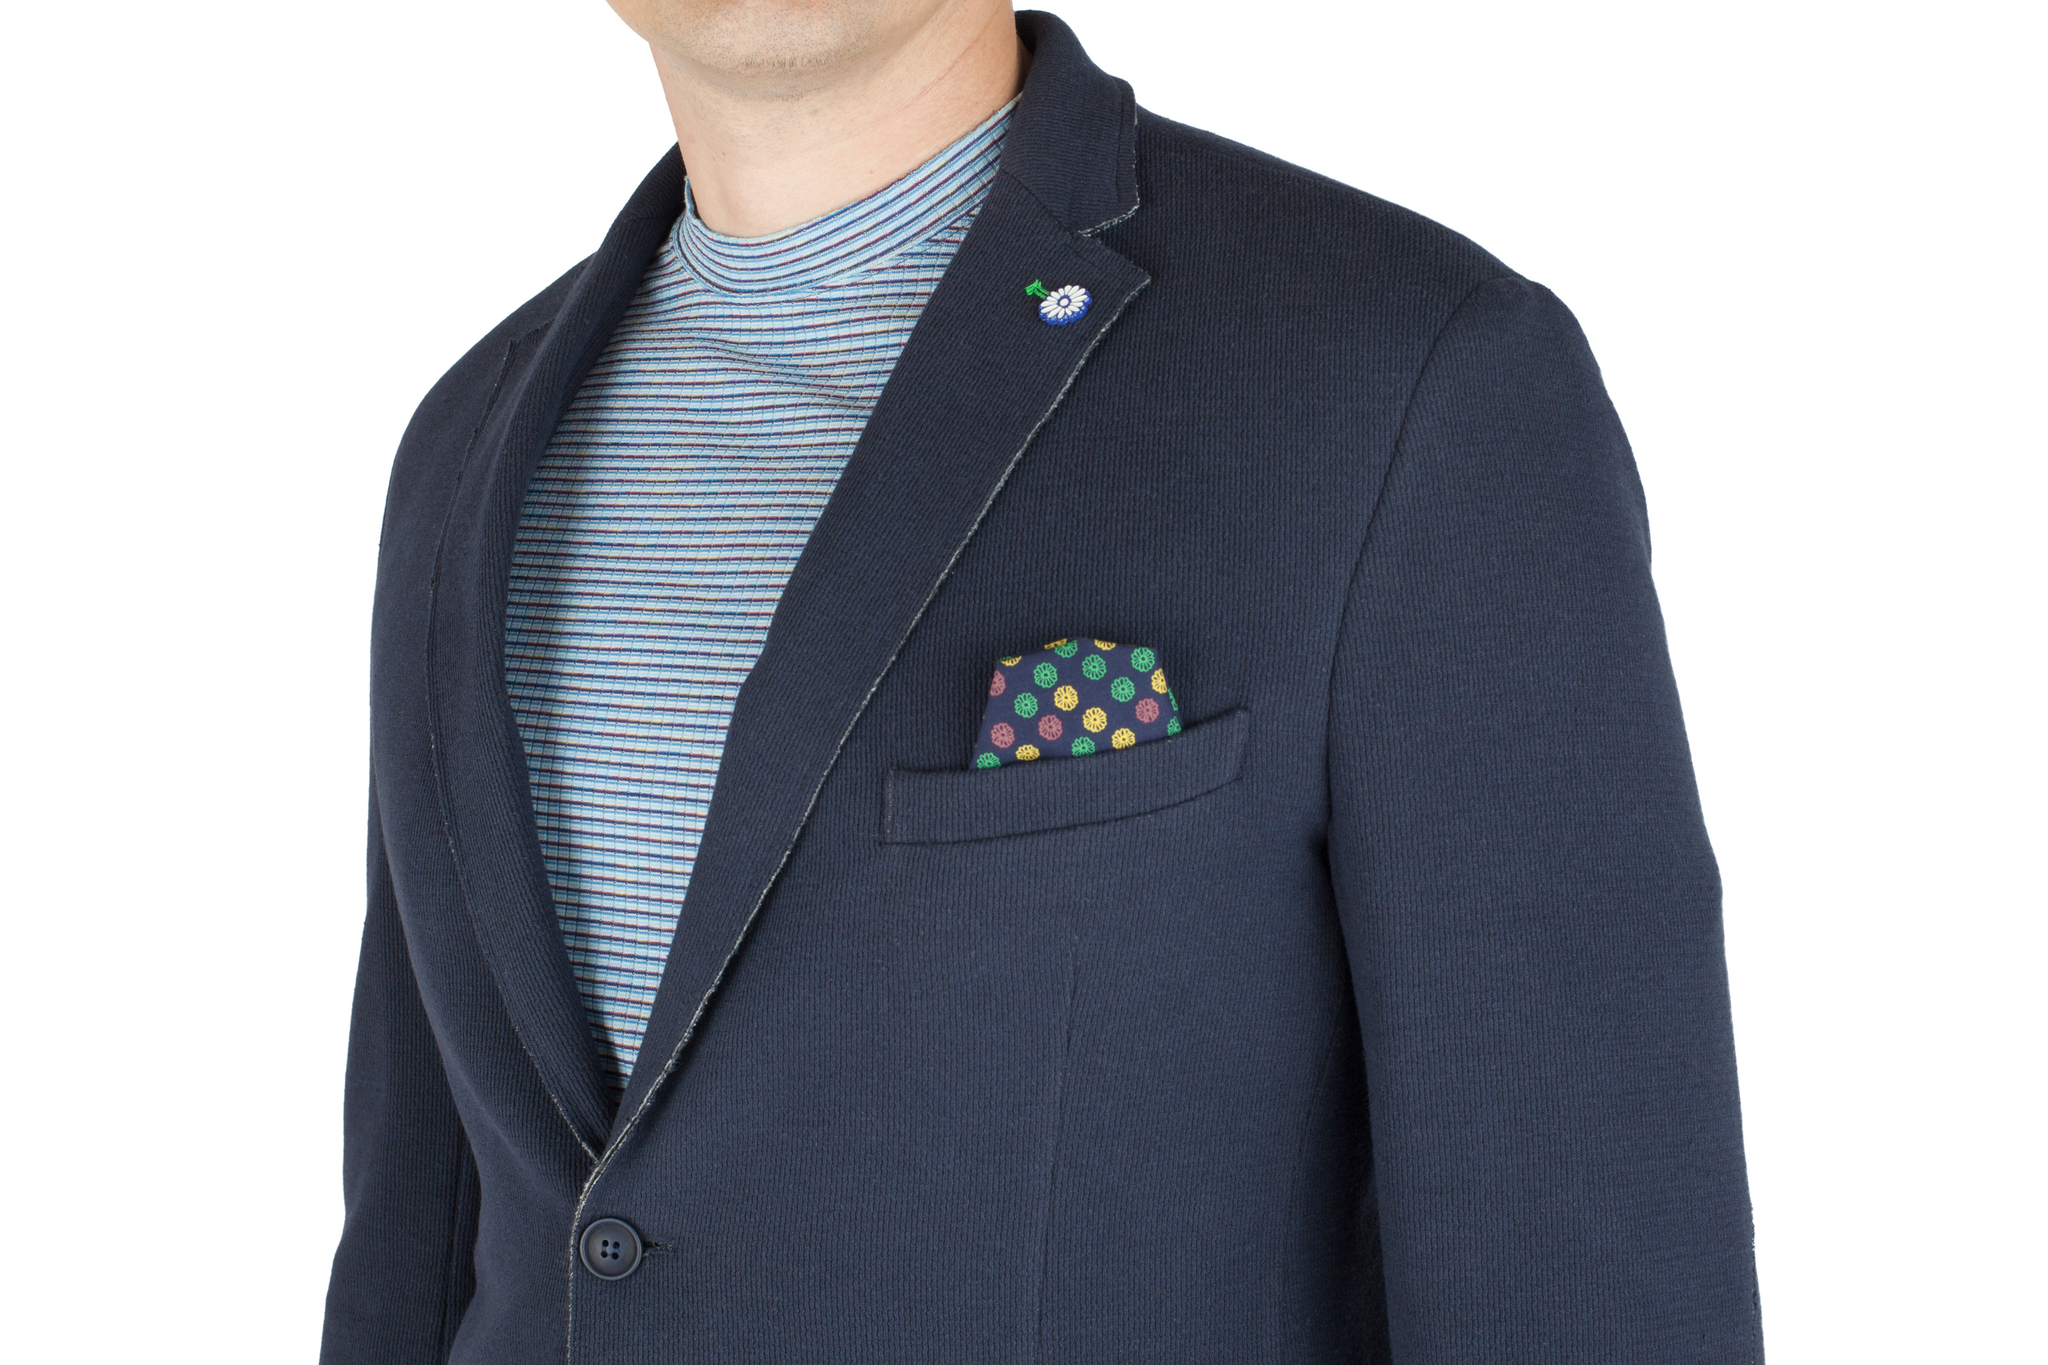 Тёмно-синий трикотажный пиджак из смеси хлопка и вискозы, нагрудный карман